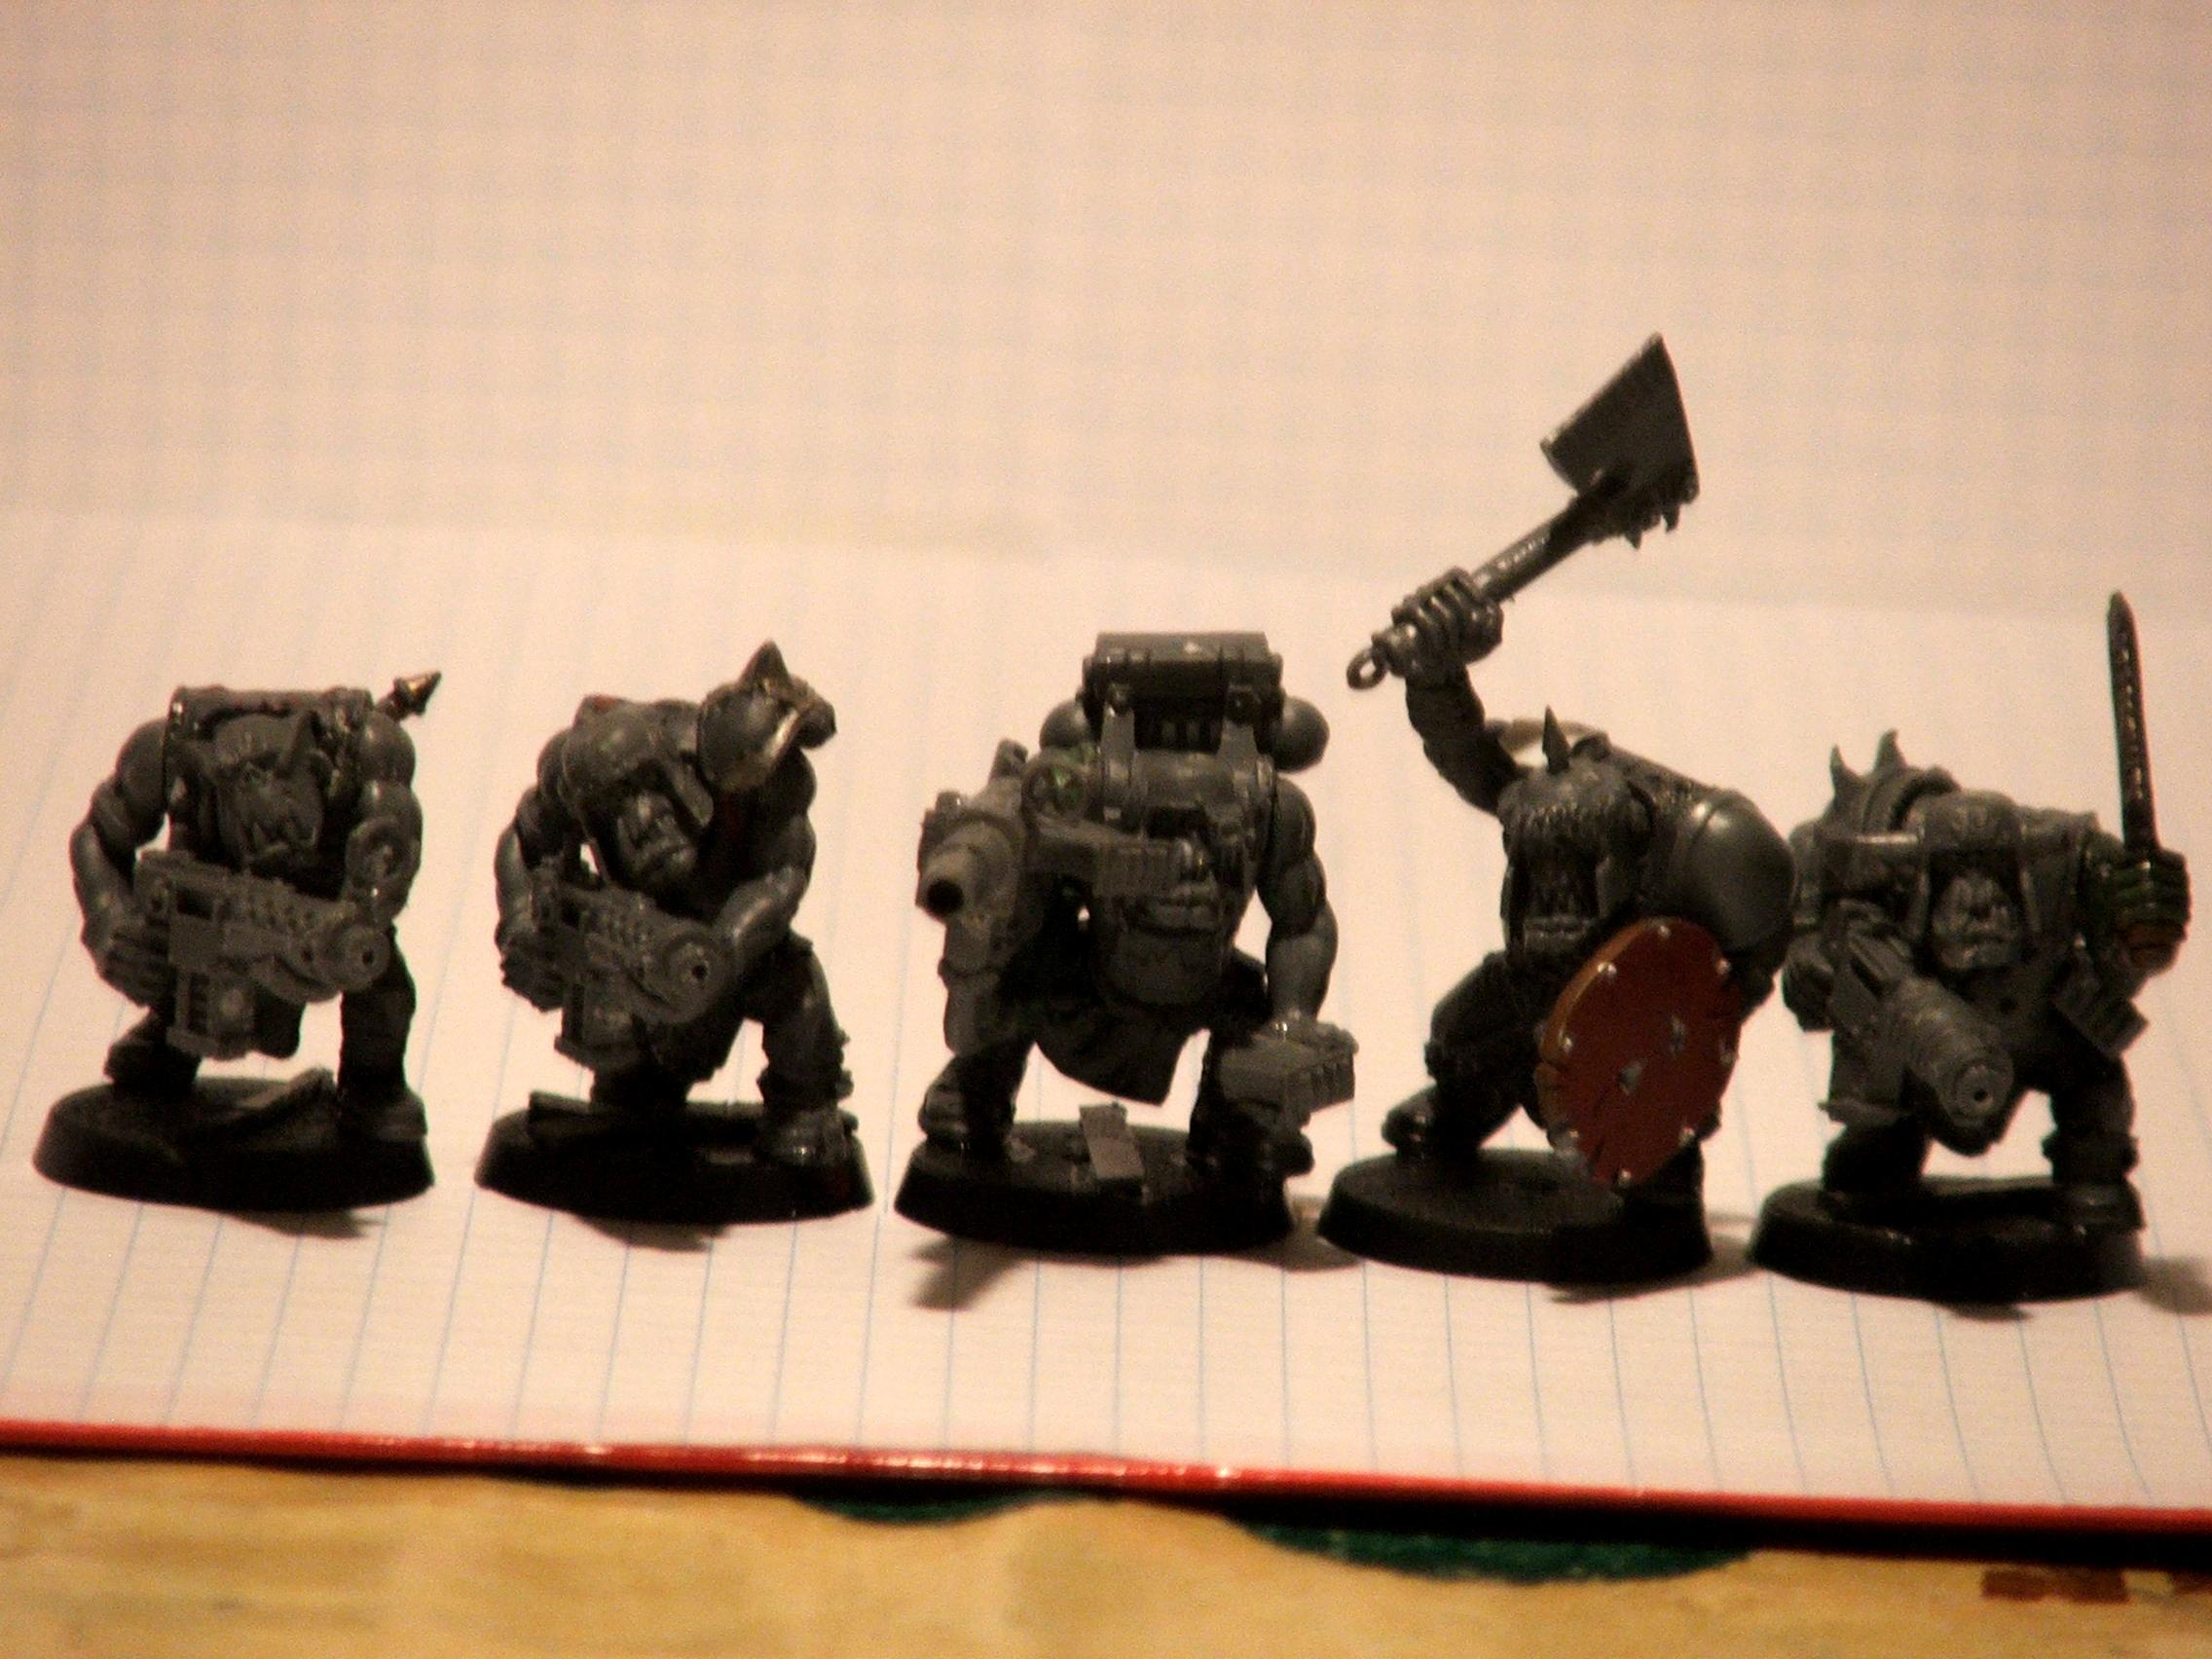 Ard Boyz, Ork Boyz, Ork Wip, Orks, Waaaghhh